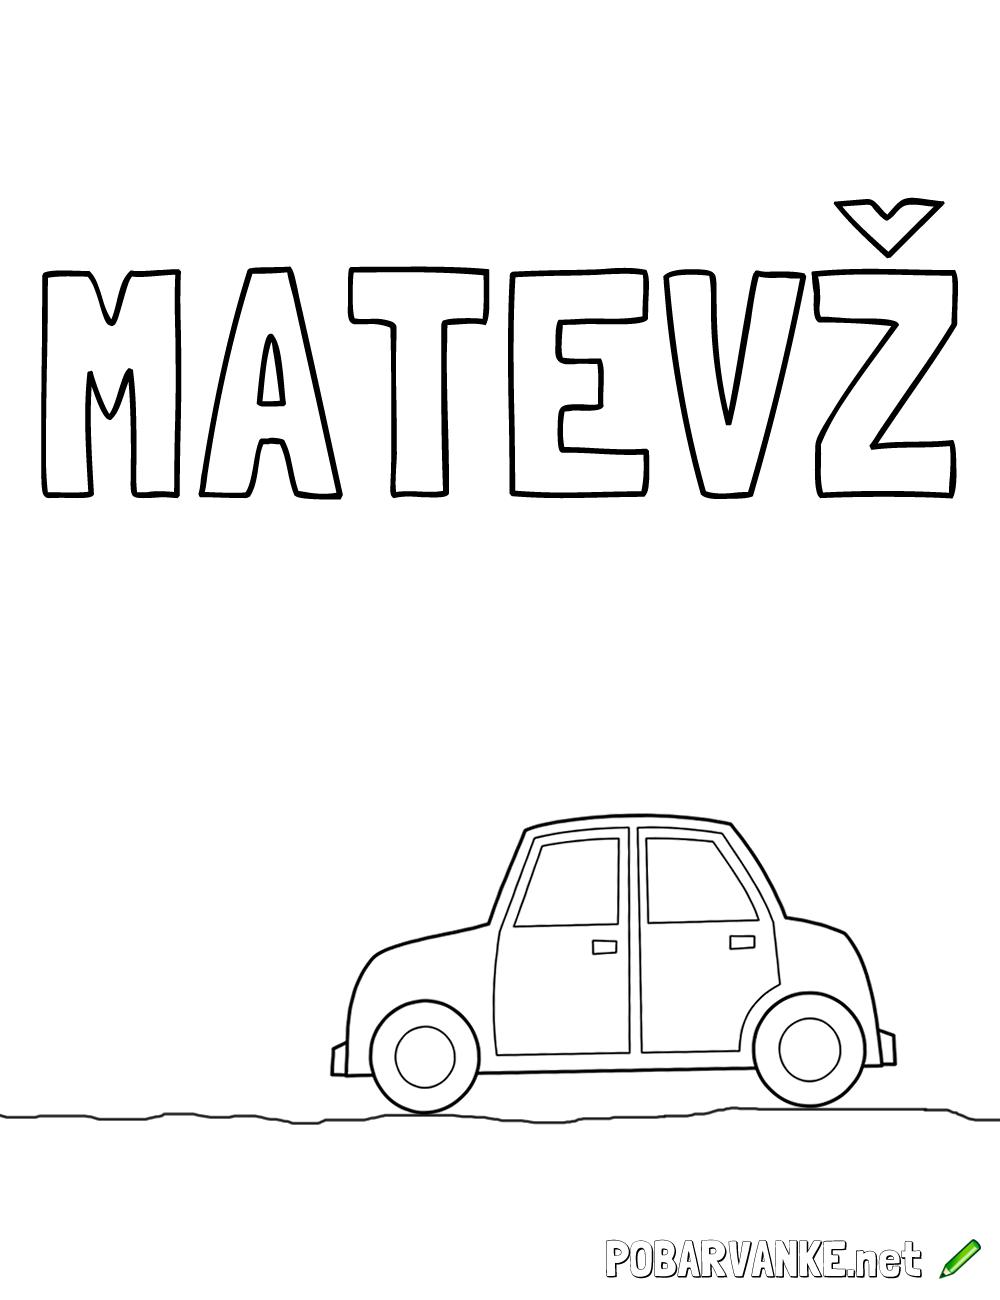 Pobarvanka imena Matevž